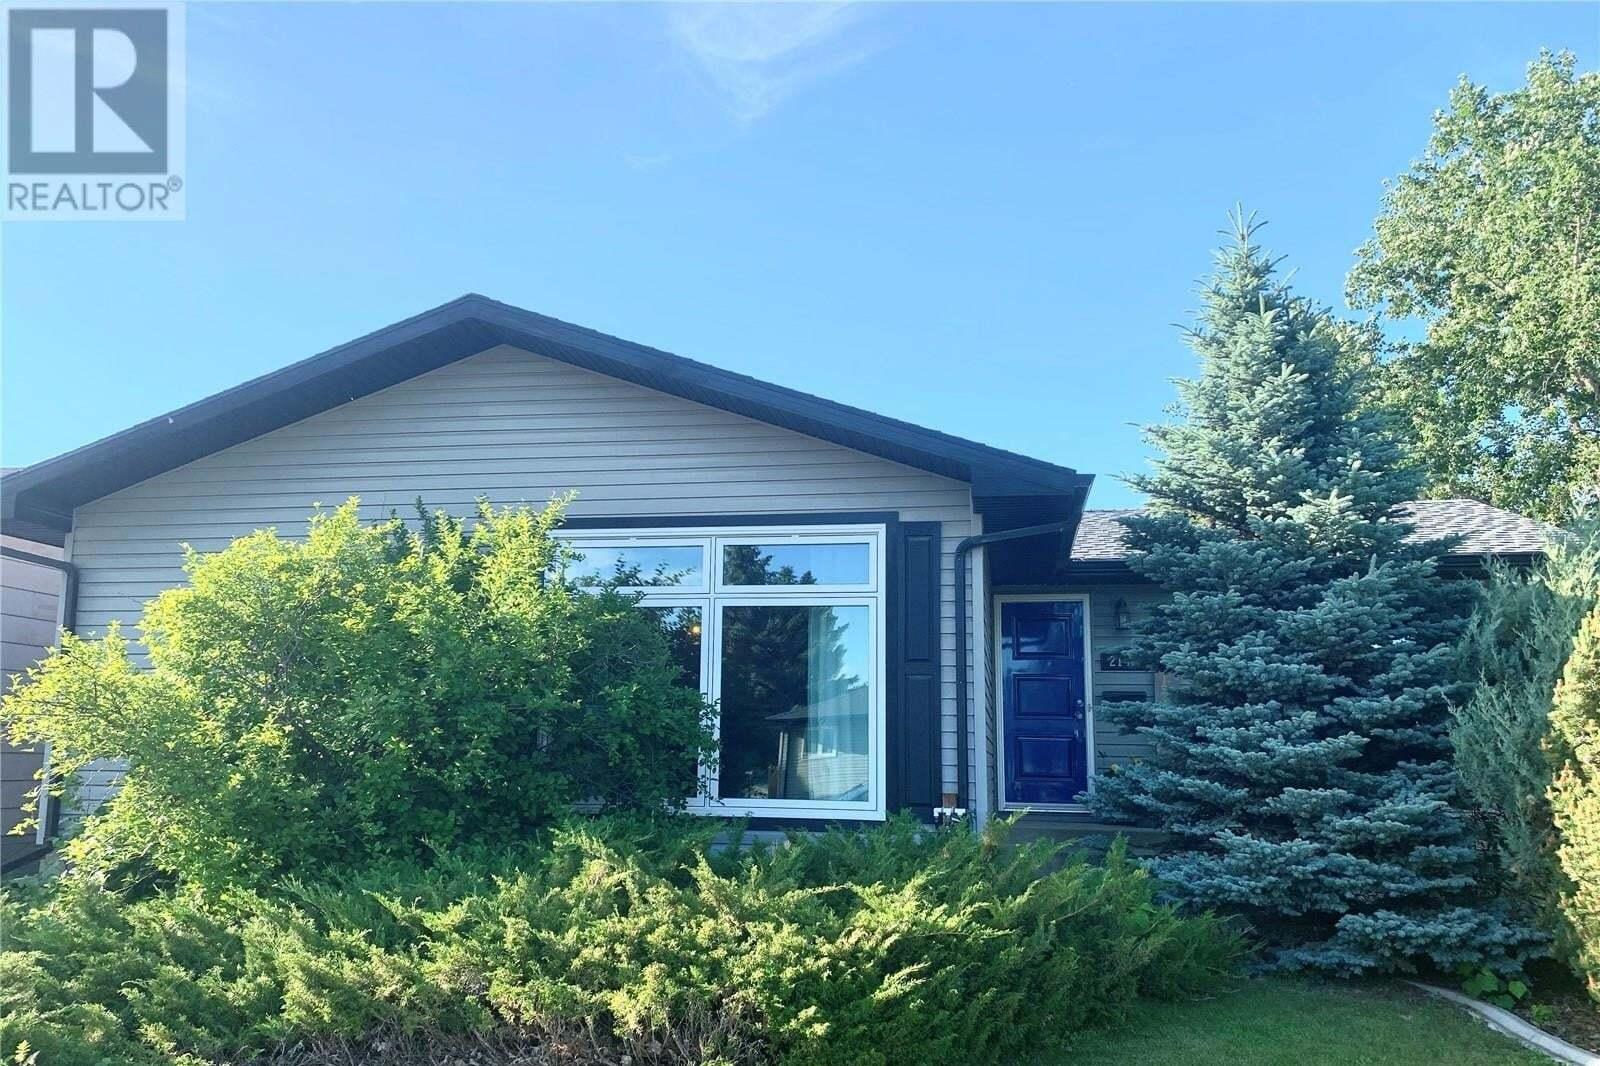 House for sale at 2145 101st Cres North Battleford Saskatchewan - MLS: SK815111